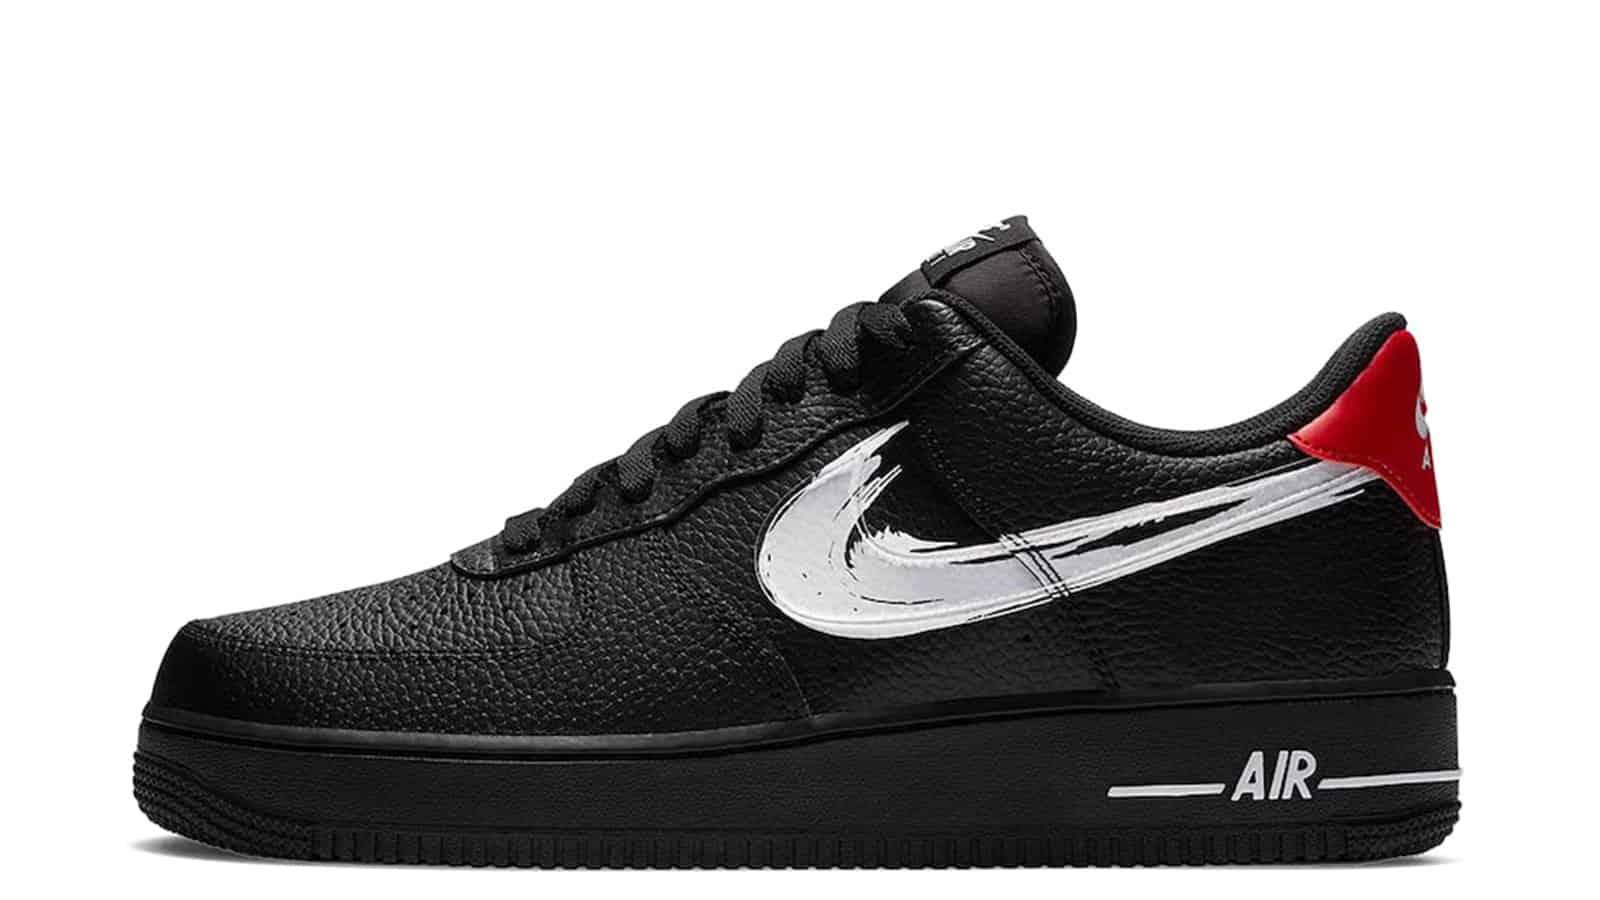 Nike Air Force 1 Low Brushstroke Swoosh Black DA4657-001